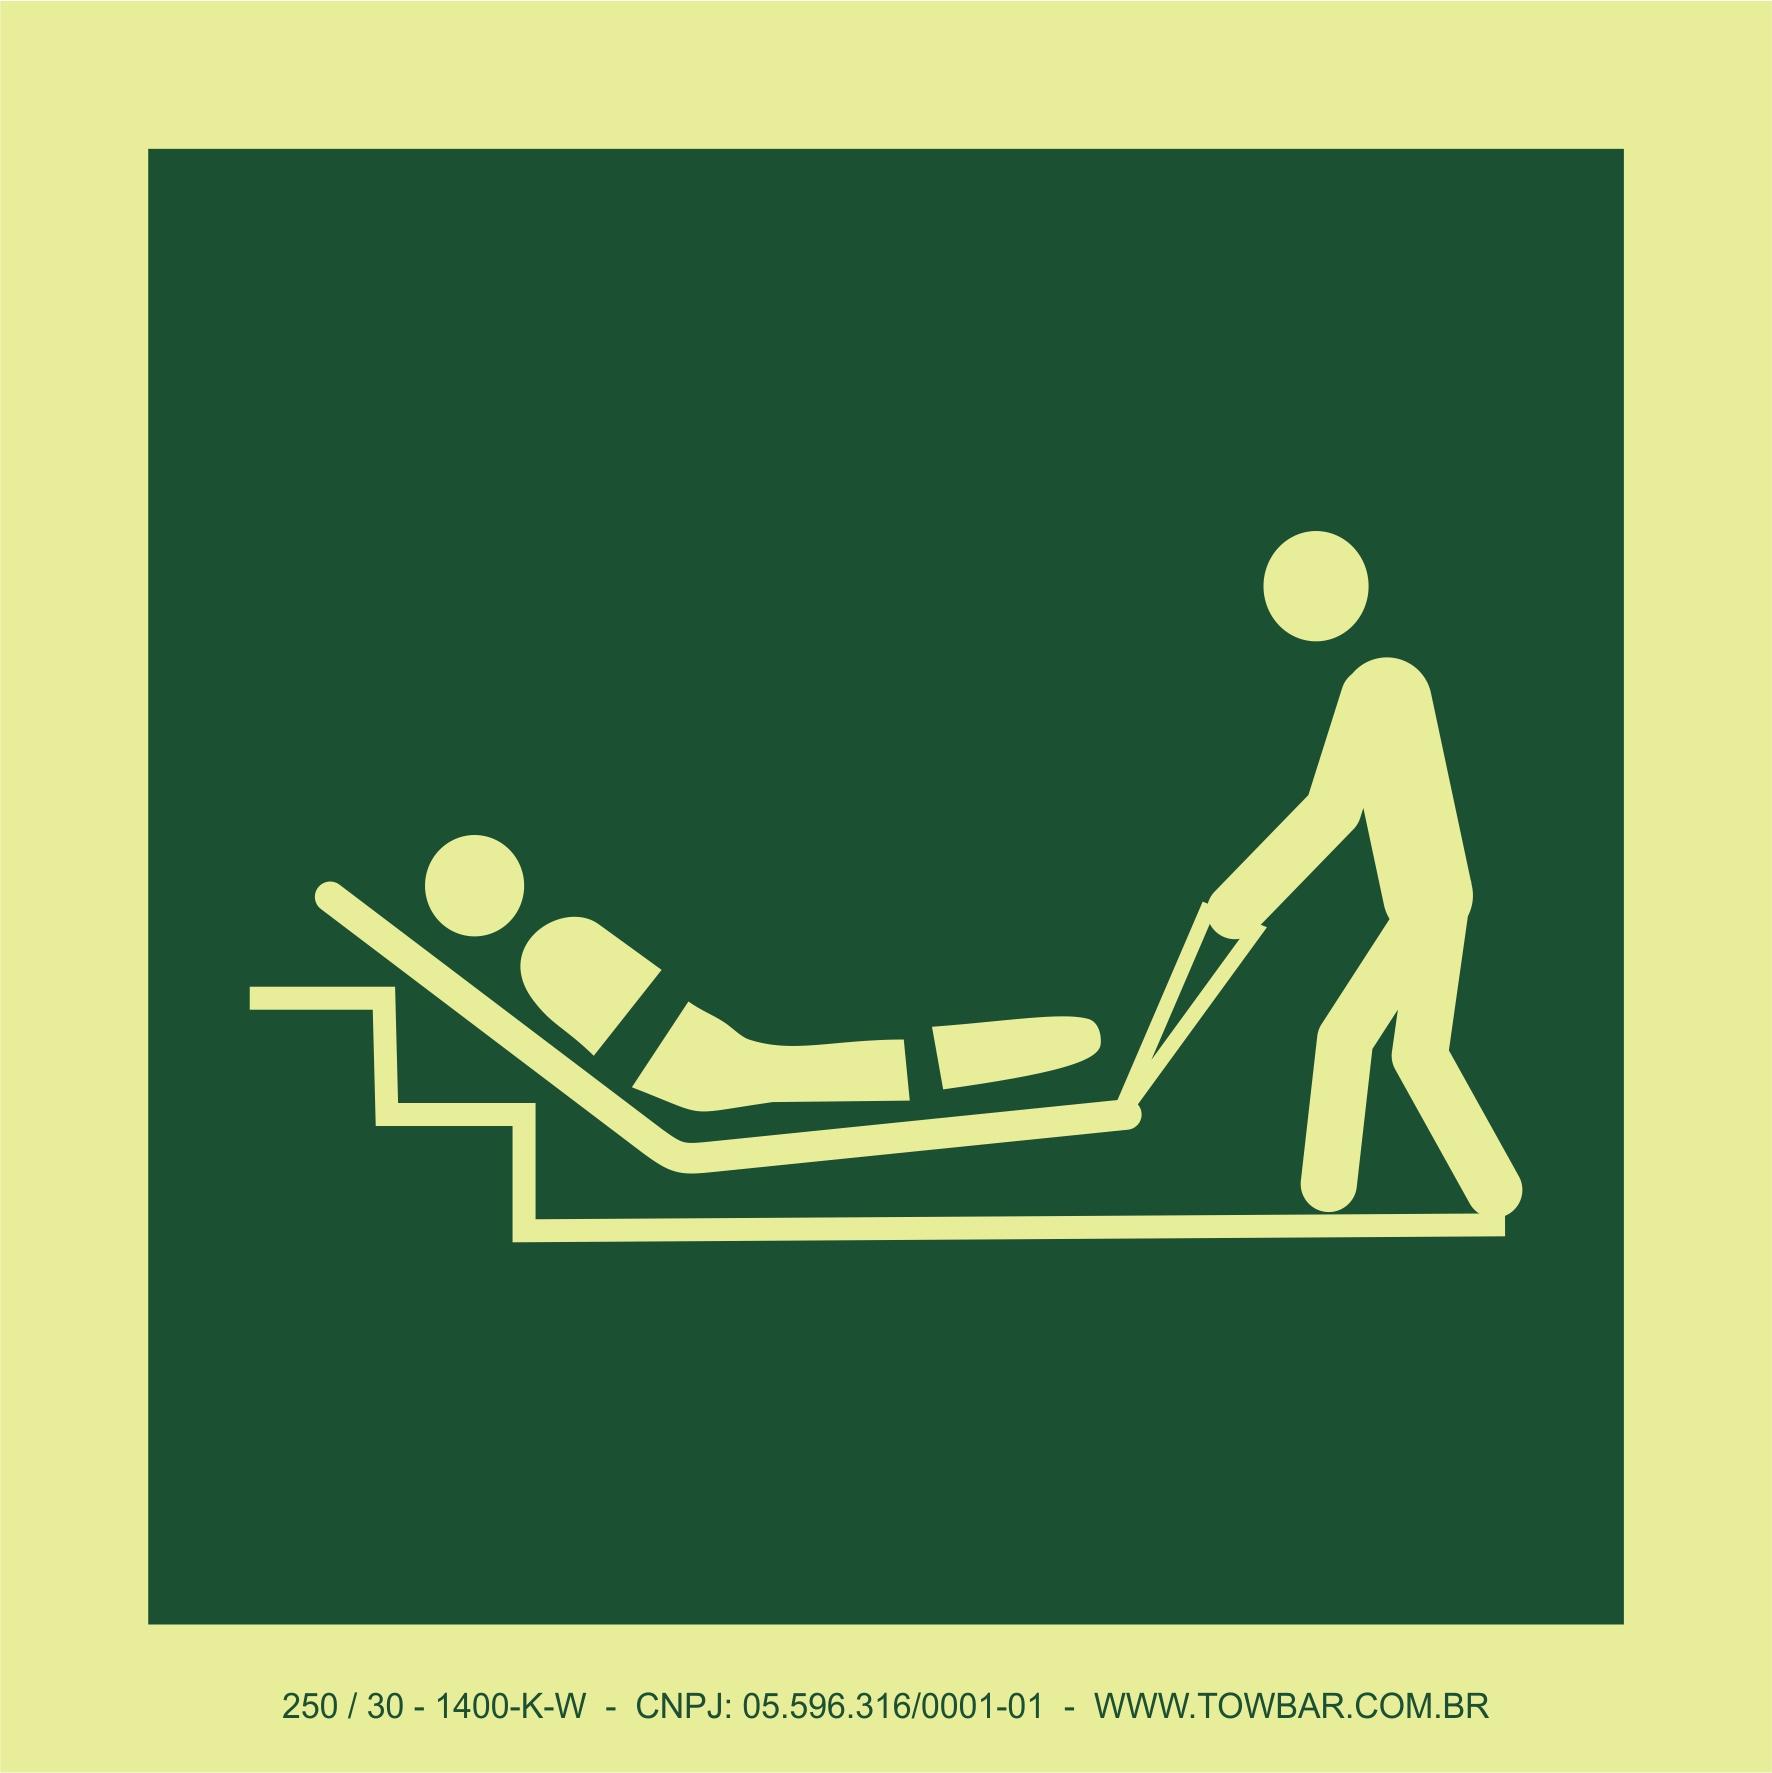 Colchão de evacuação (Evacuation mattress)  - Towbar Sinalização de Segurança